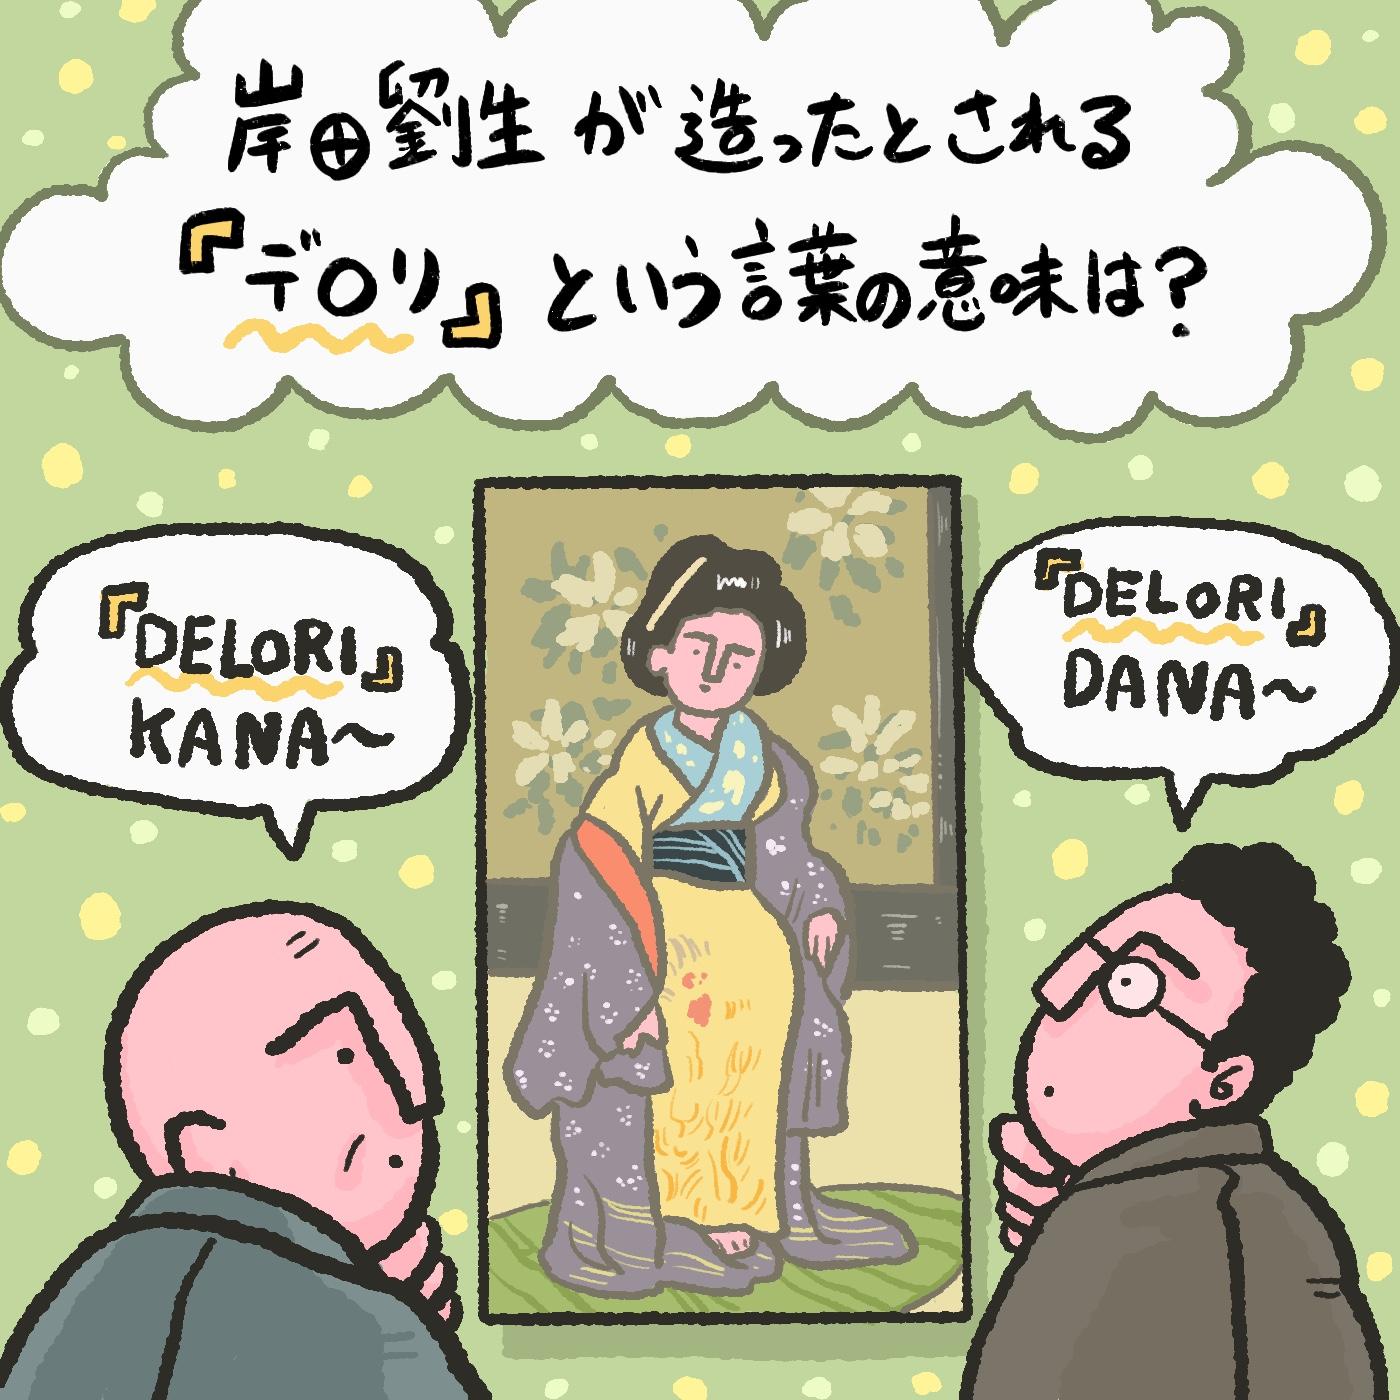 OBIKAKE ナニソレ 東京国立近代美術館 あやしい絵展 藤野遼太